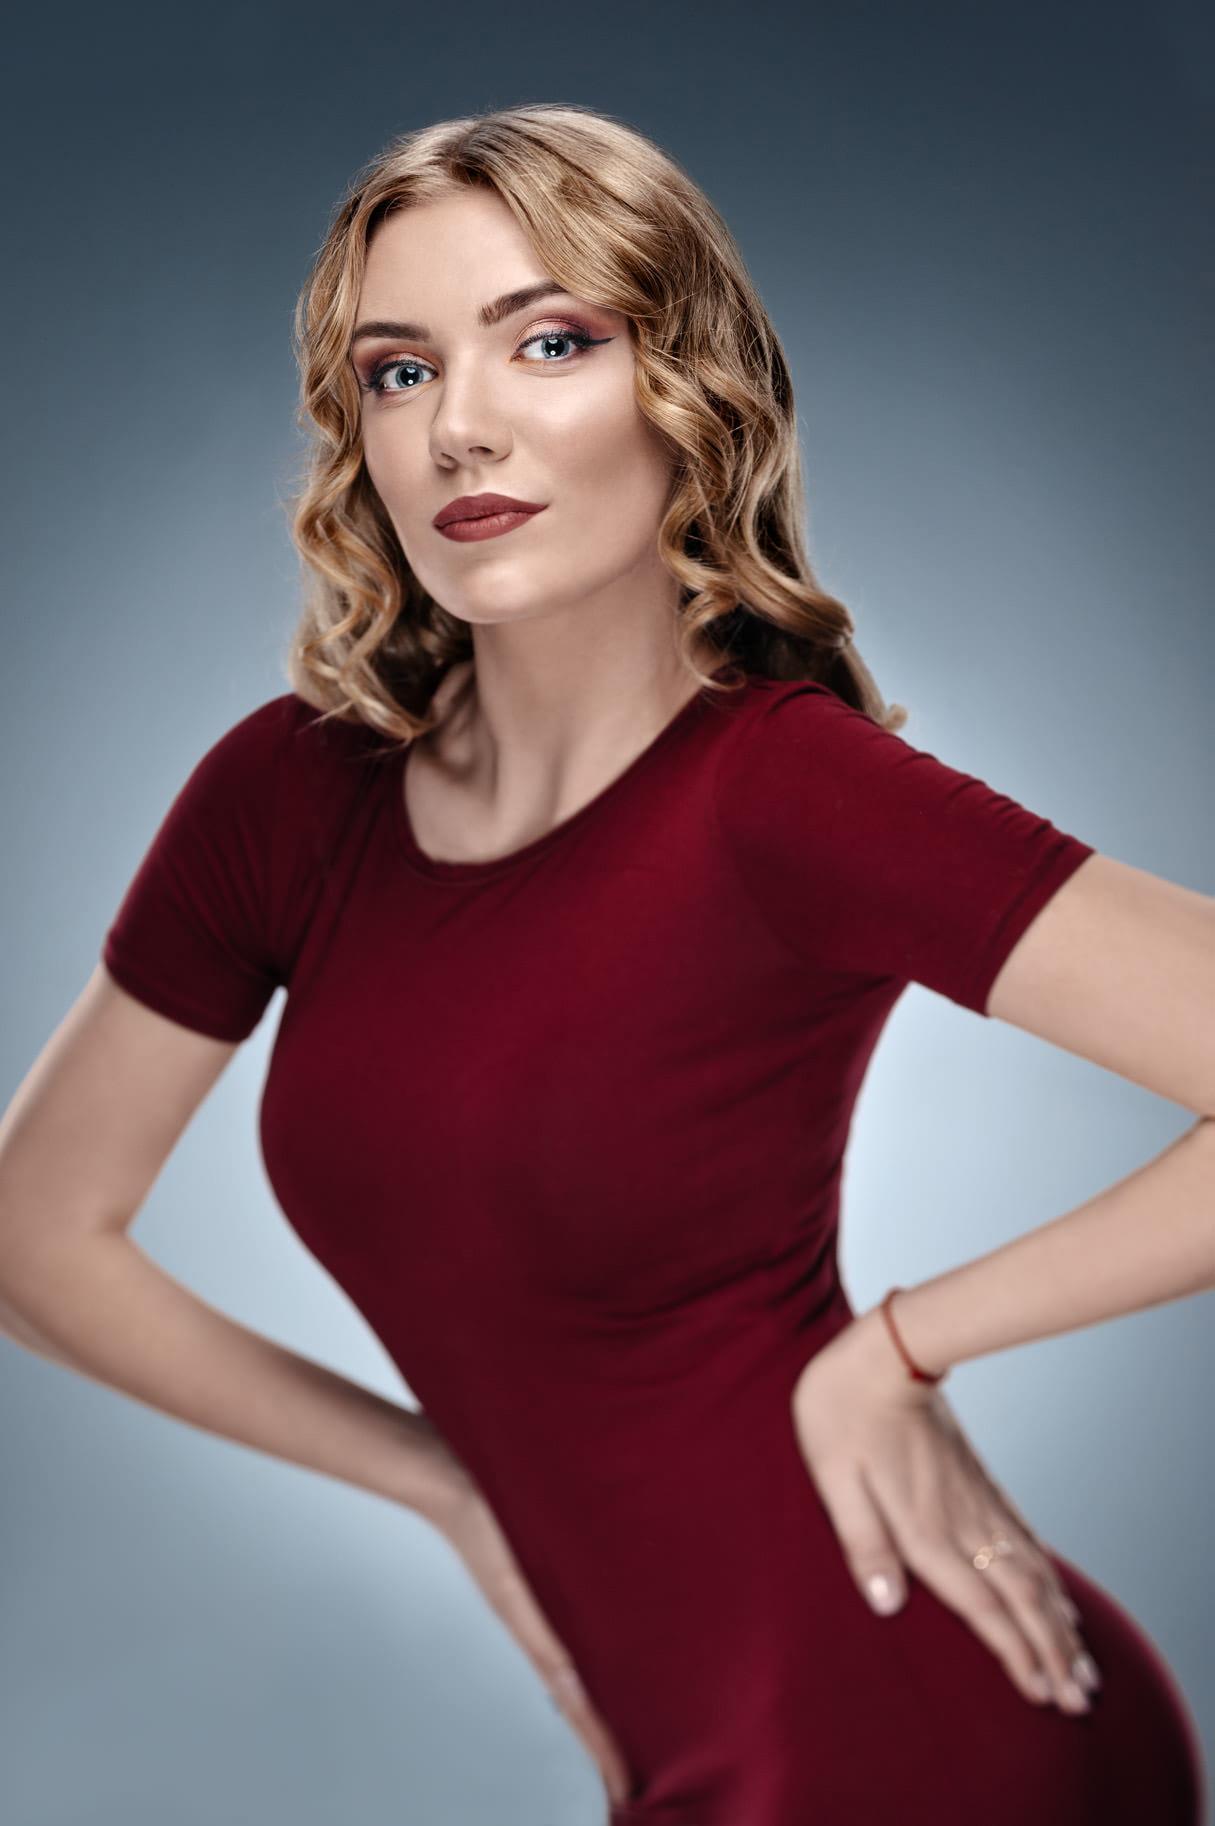 Художественный женский портрет в условиях фотостудии, фото девушки с макияжем в бордовом платье на голубом фоне